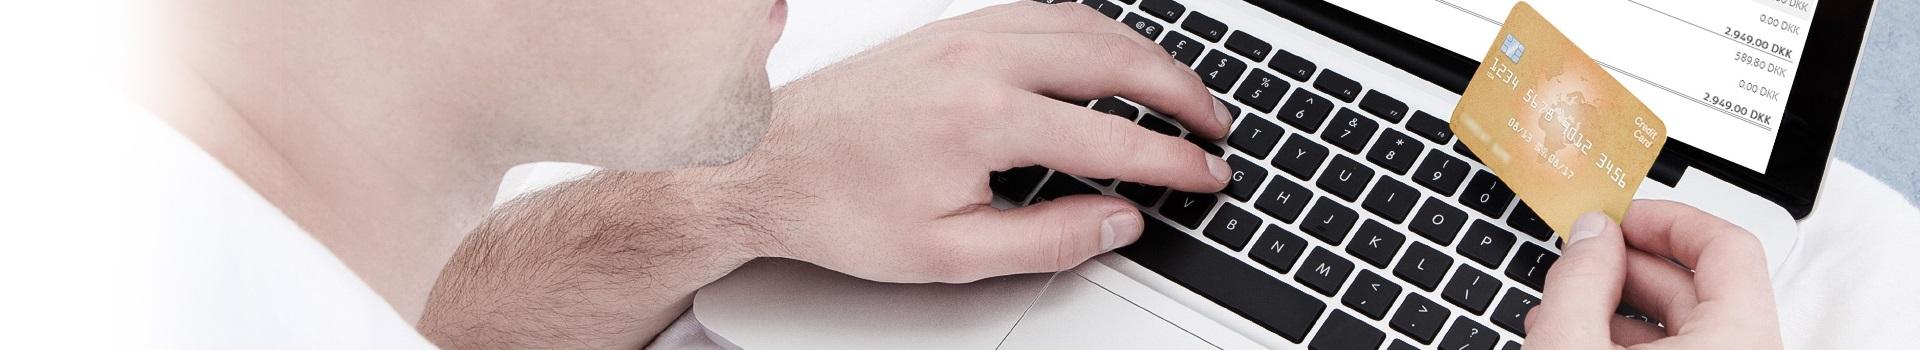 webáruház készítés, webshop készítés, webáruház, webshop, webáruházkészítés, webáruház pécs, webáruházkészítés pécs, webshop készítés pécs, webáruház készítés pécs, webshop pécs